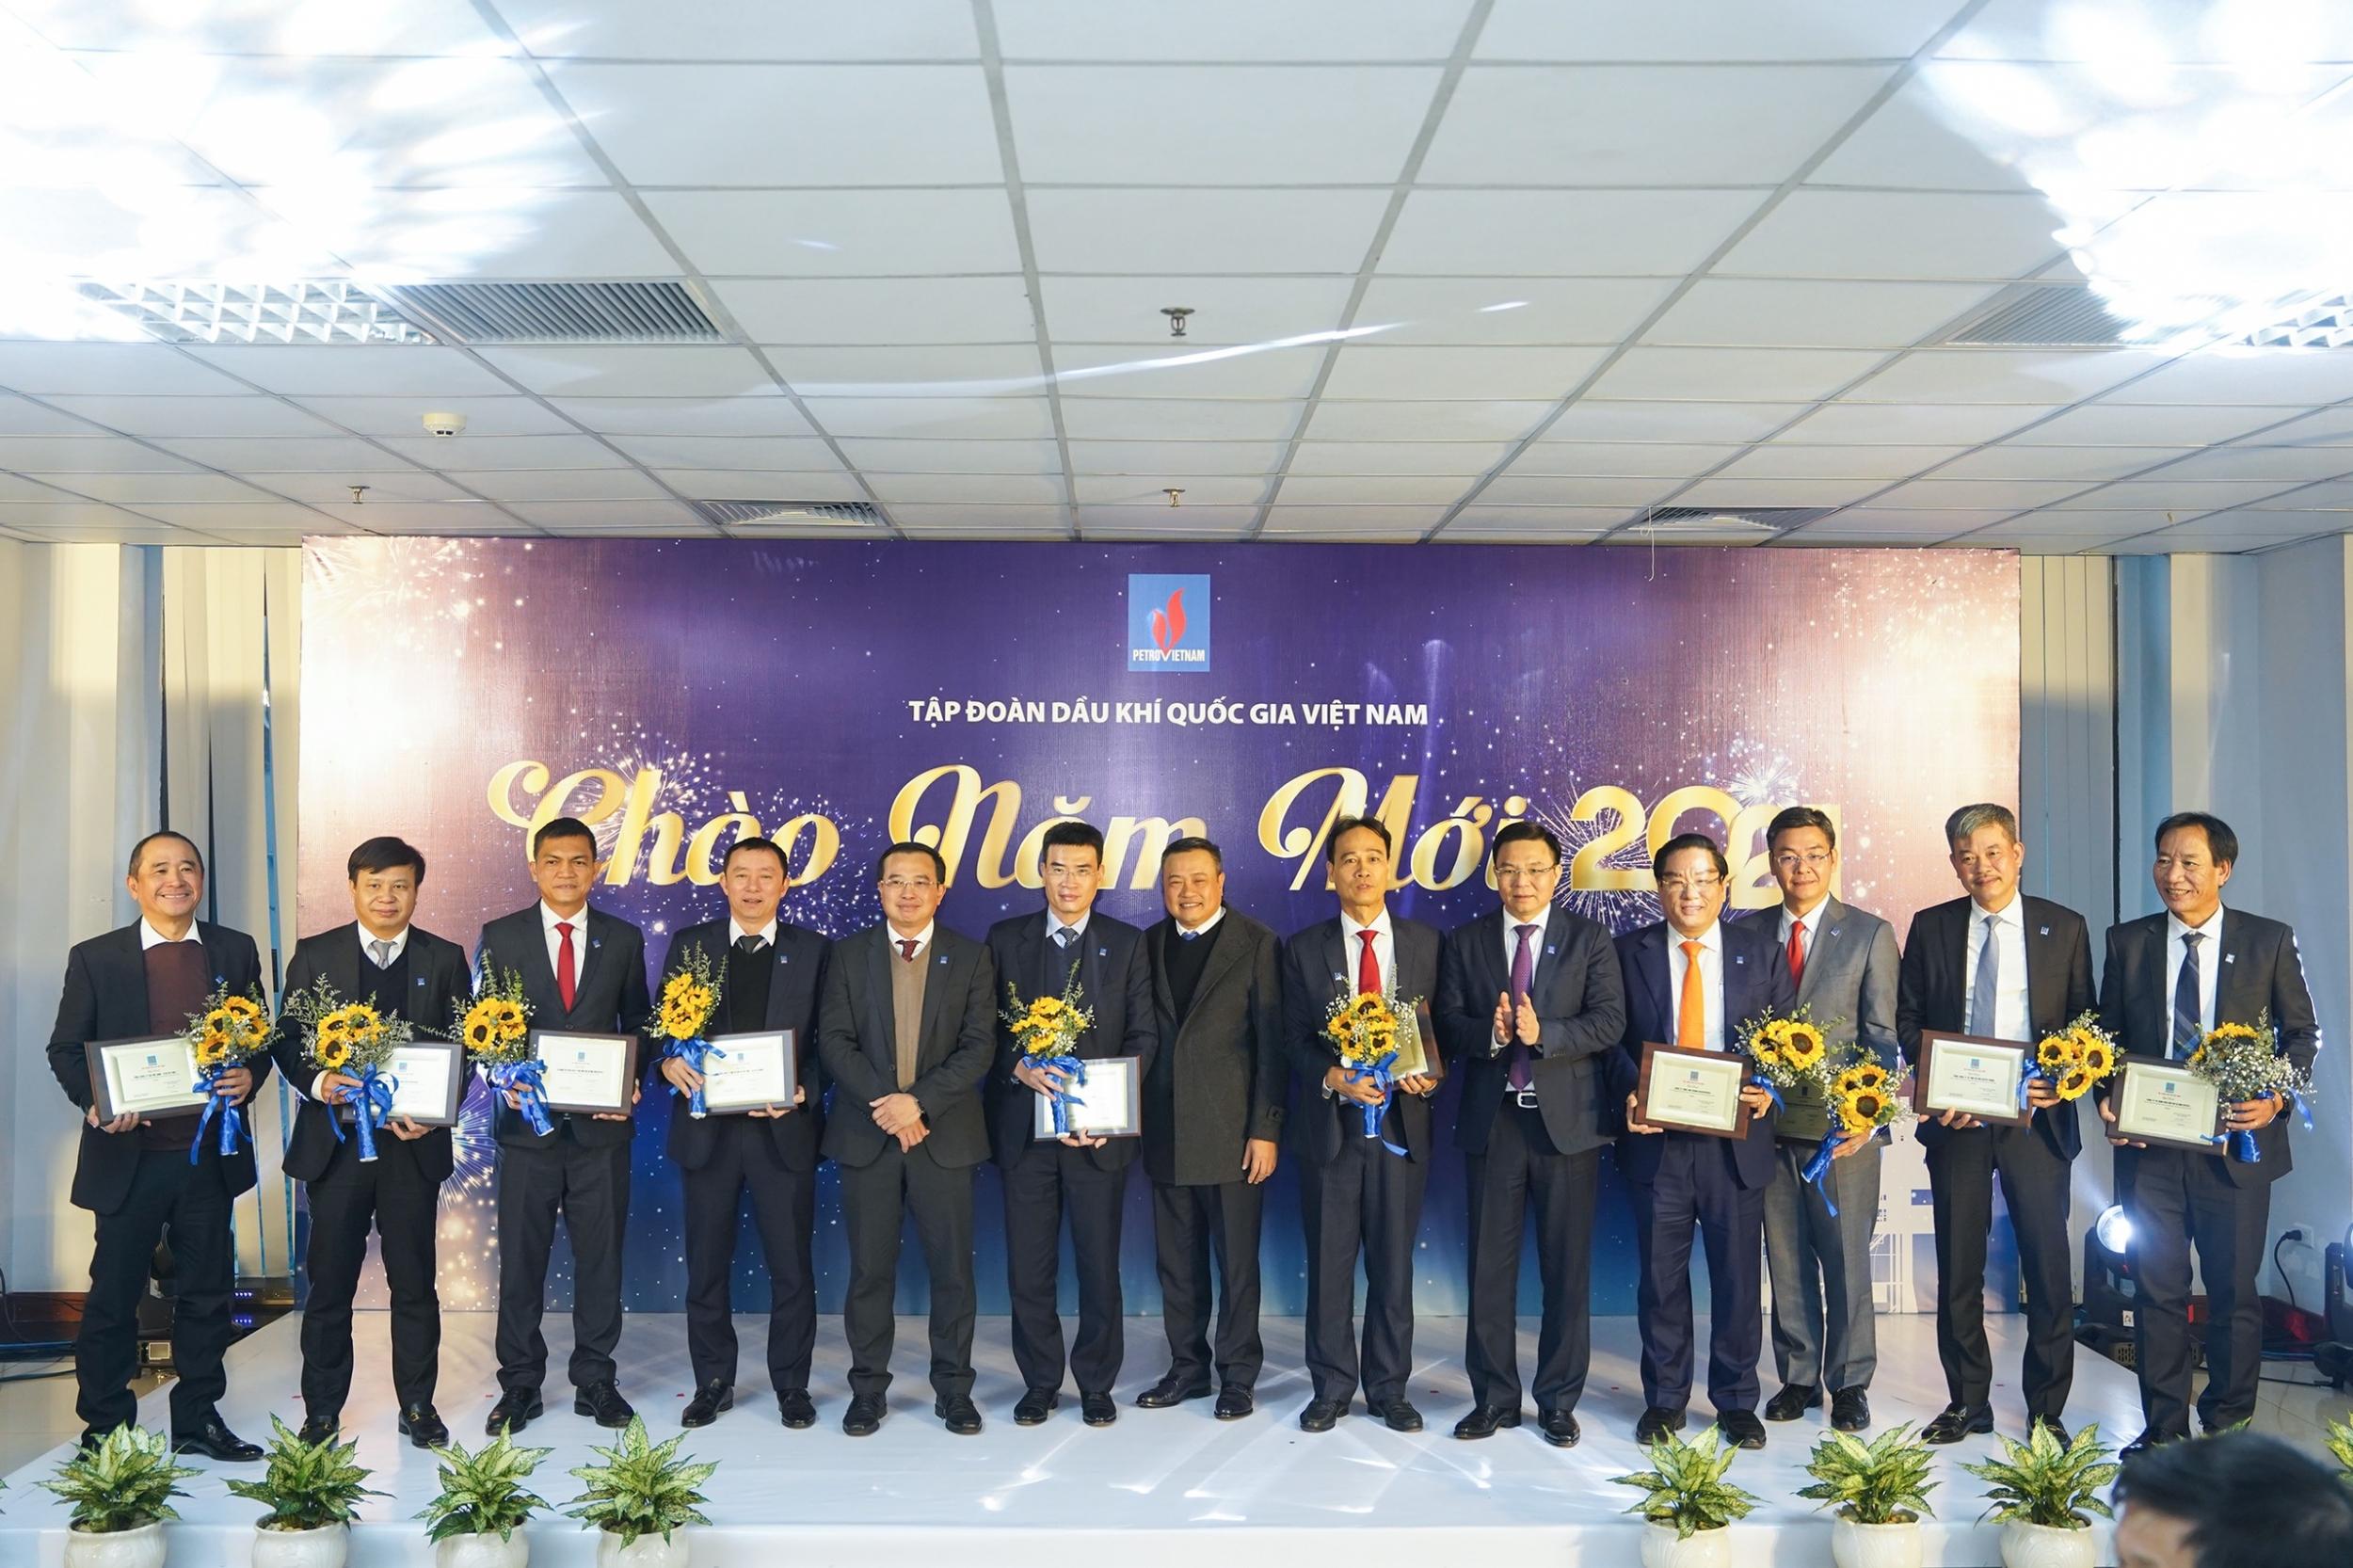 Tôn vinh các đơn vị đóng góp cho thành công của toàn Tập đoàn Dầu khí Quốc gia Việt Nam